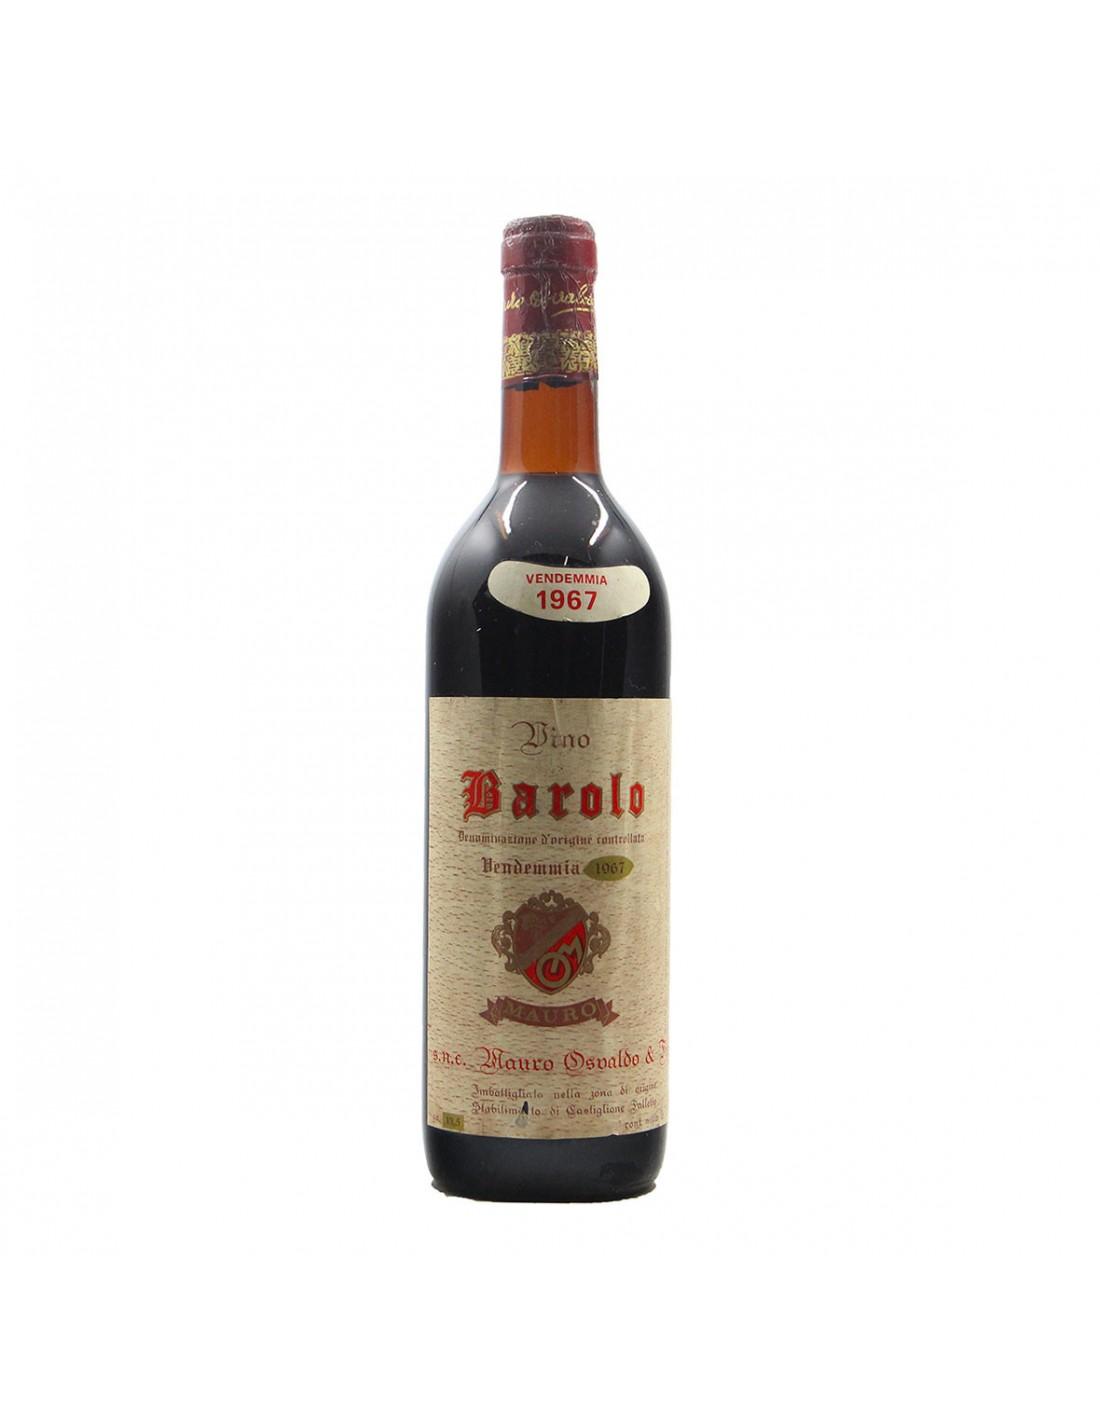 BAROLO 1967 OSVALDO Grandi Bottiglie